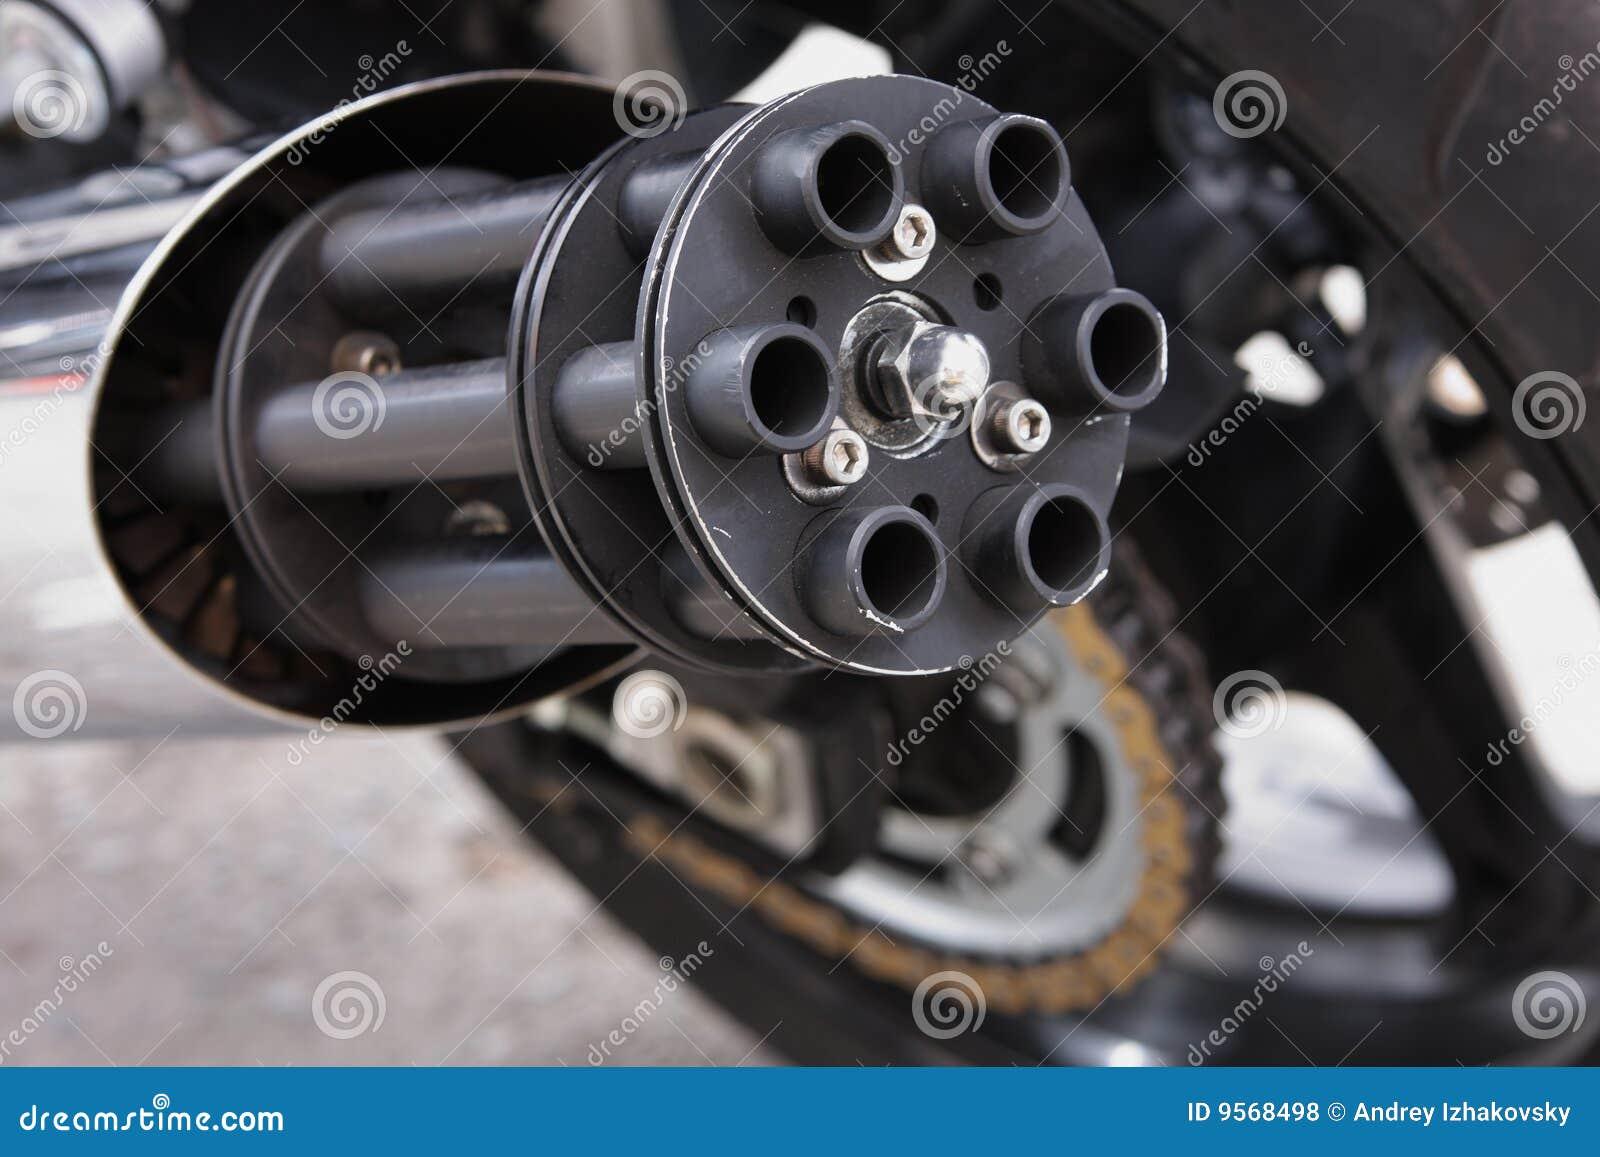 machine gun exhaust